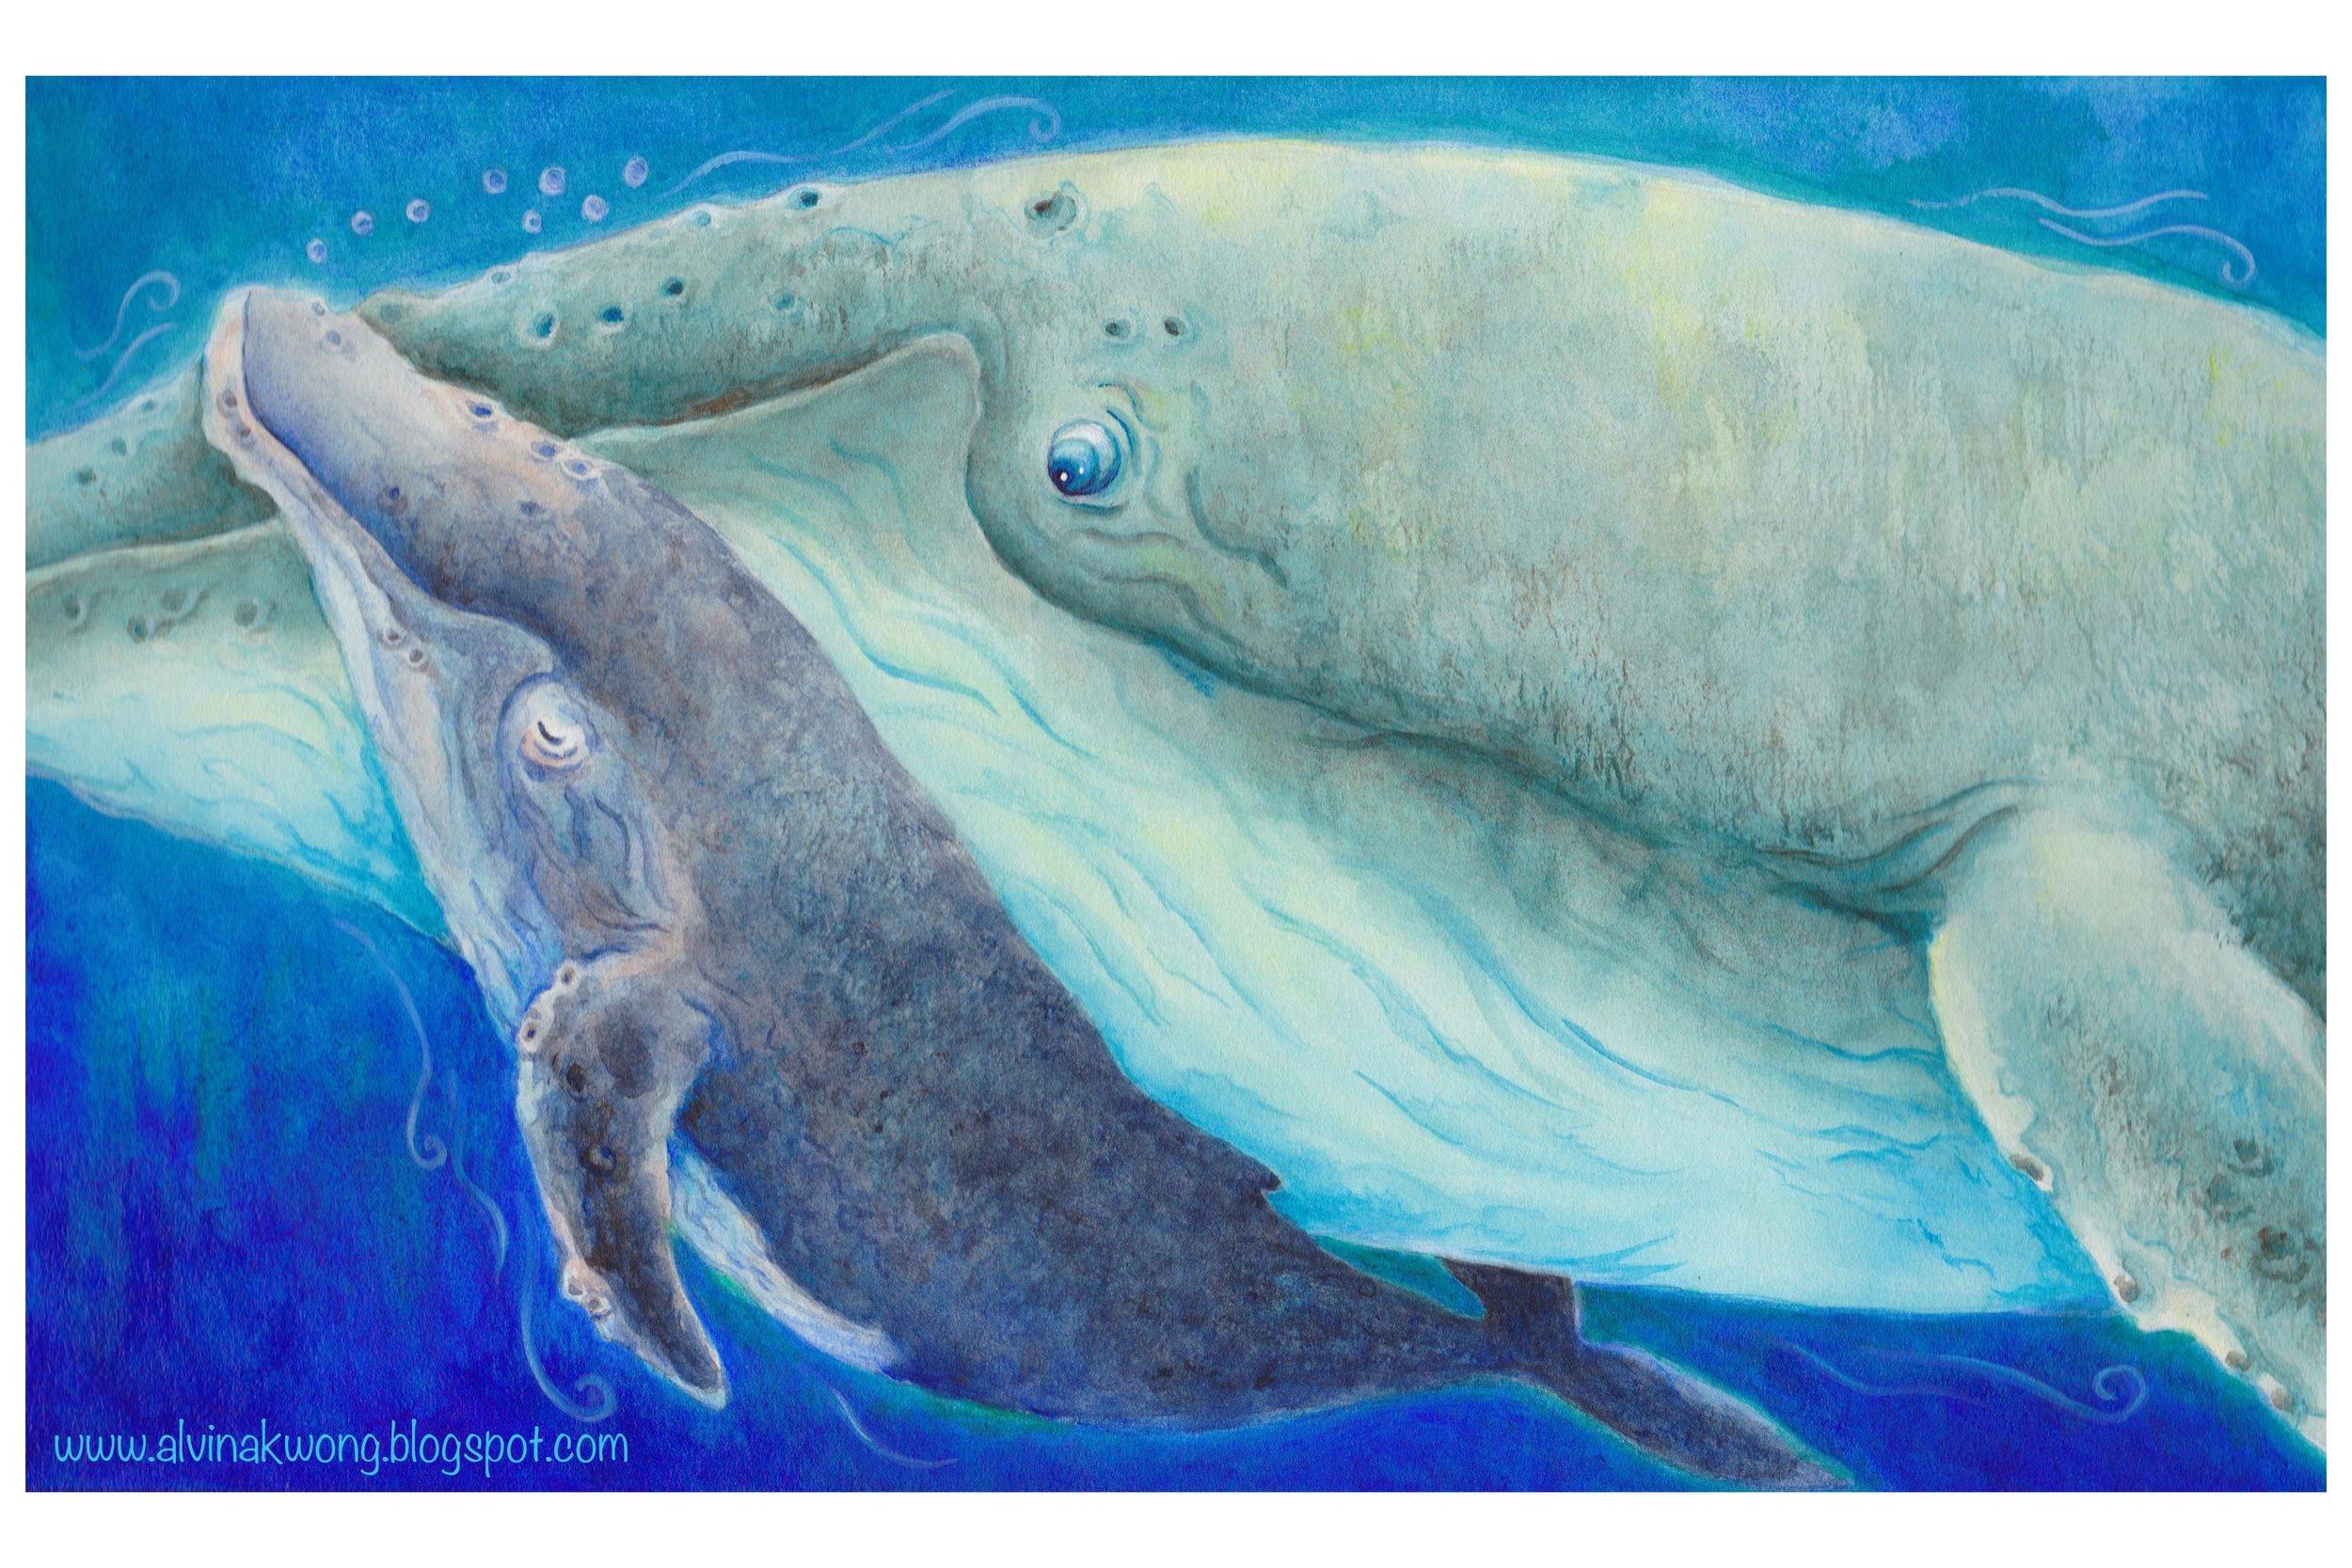 whale 300dpi watermark.jpg